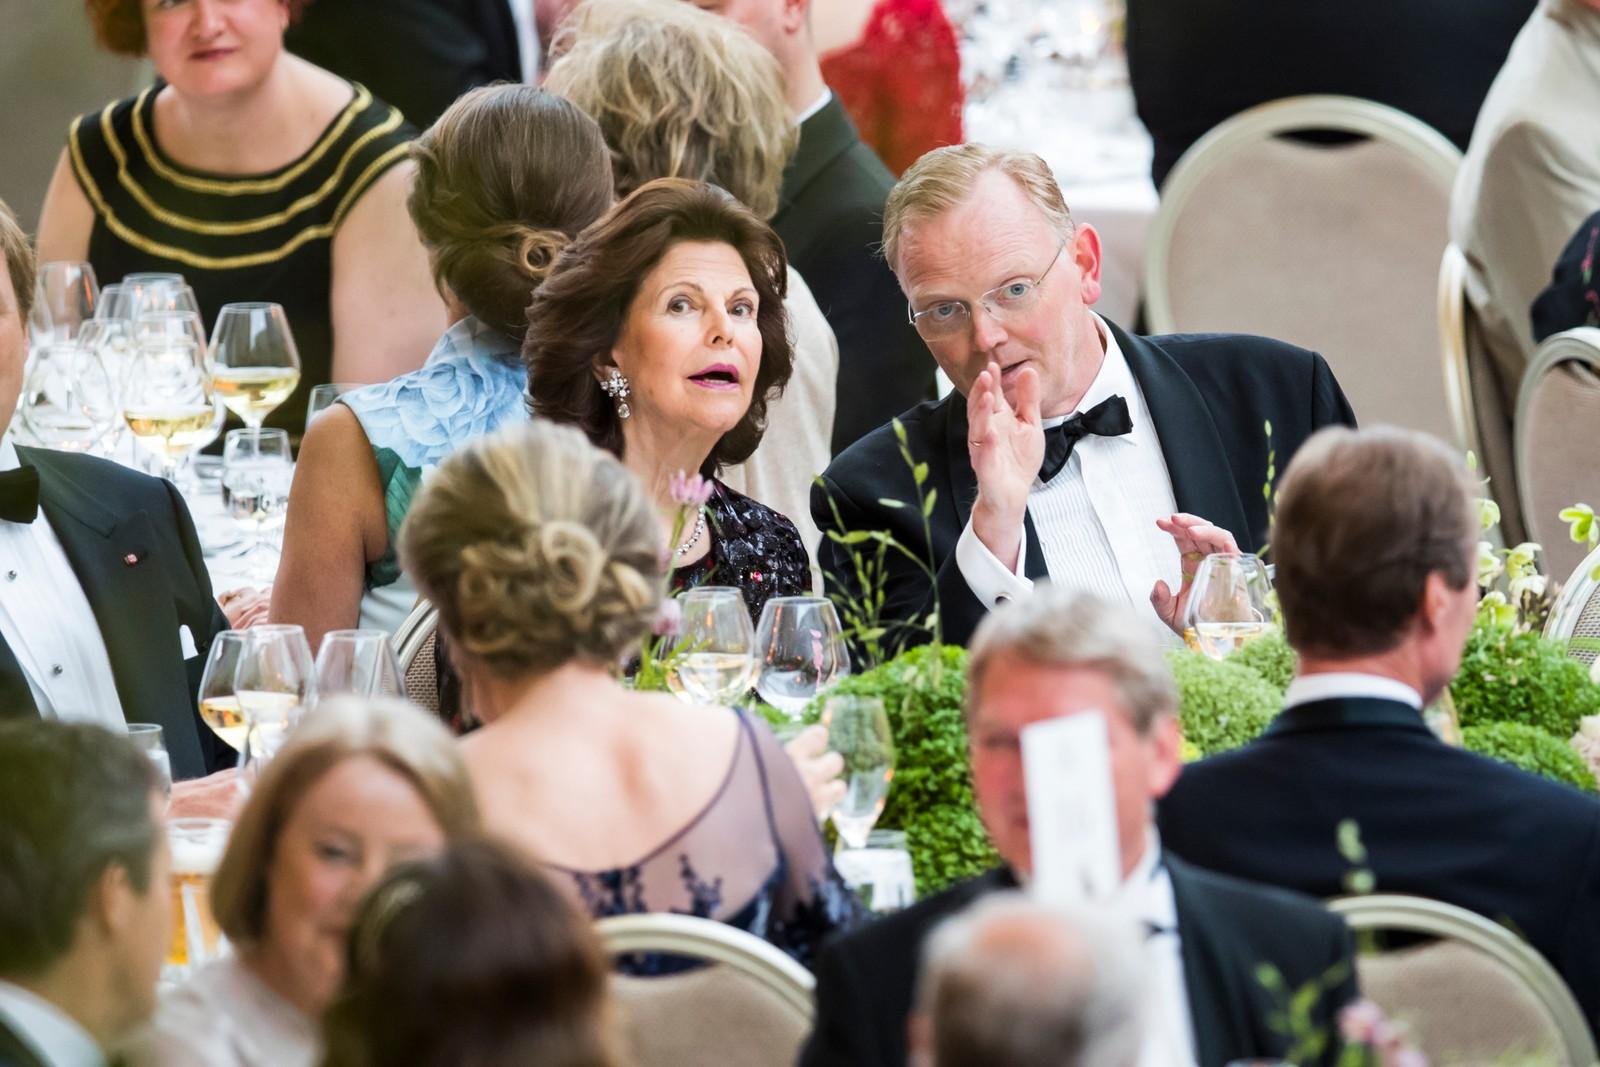 Sindre Finnes og dronningene Silvia av Sverige under regjeringens festmiddag for kongeparet i Operaen i anledning deres 80-årsfeiring. POOL